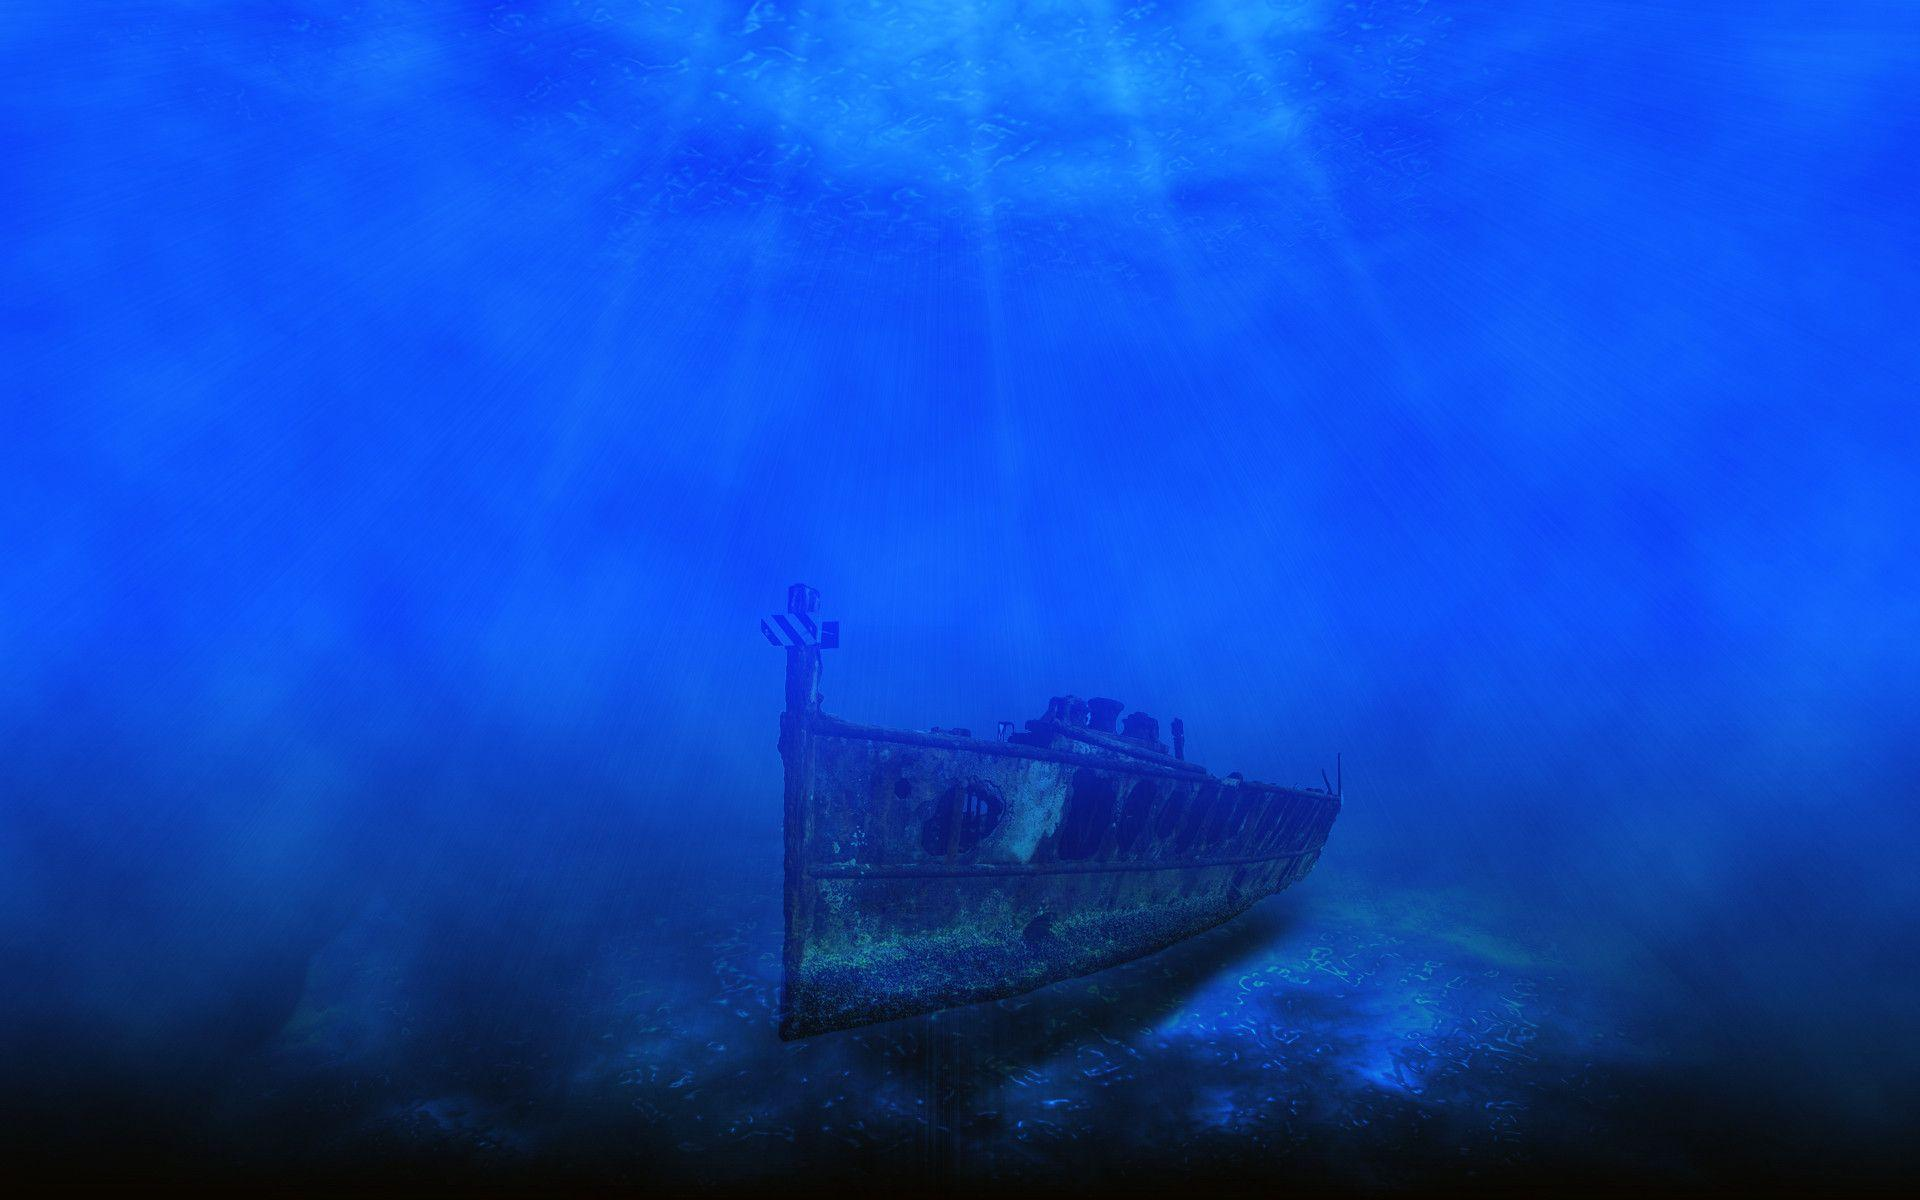 deep ocean desktop wallpaper - photo #11